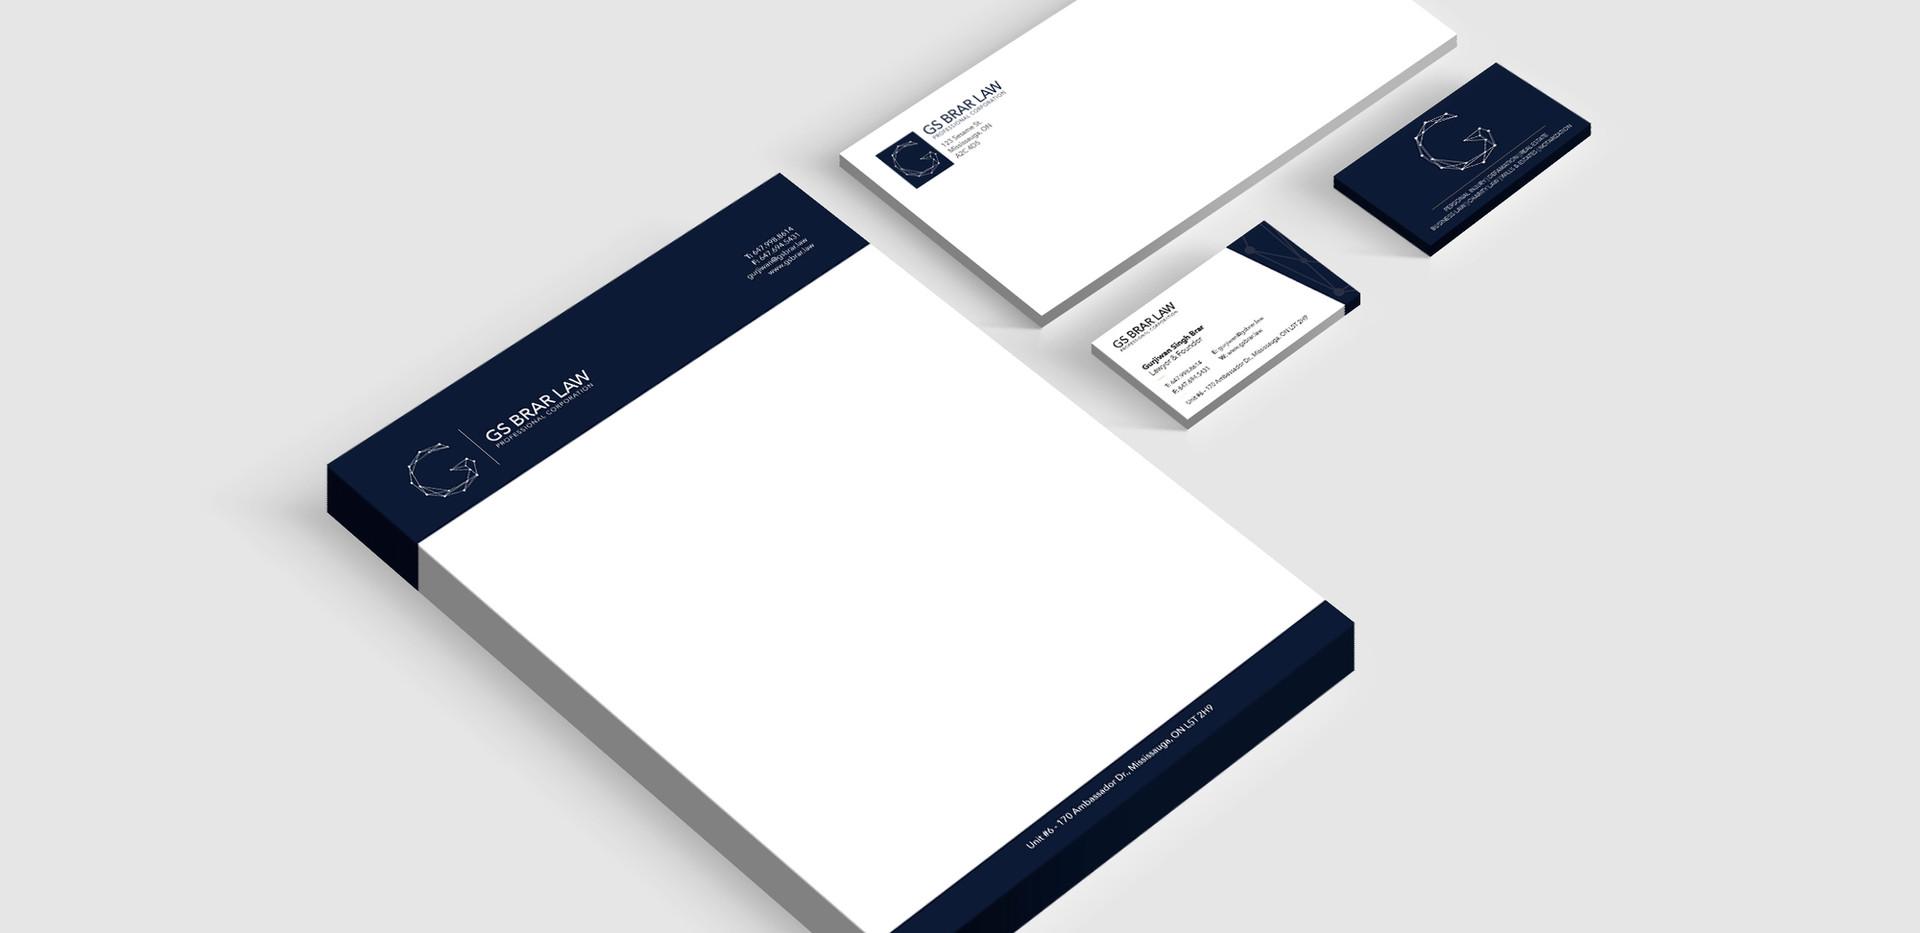 GS Brar Law - Brand Package